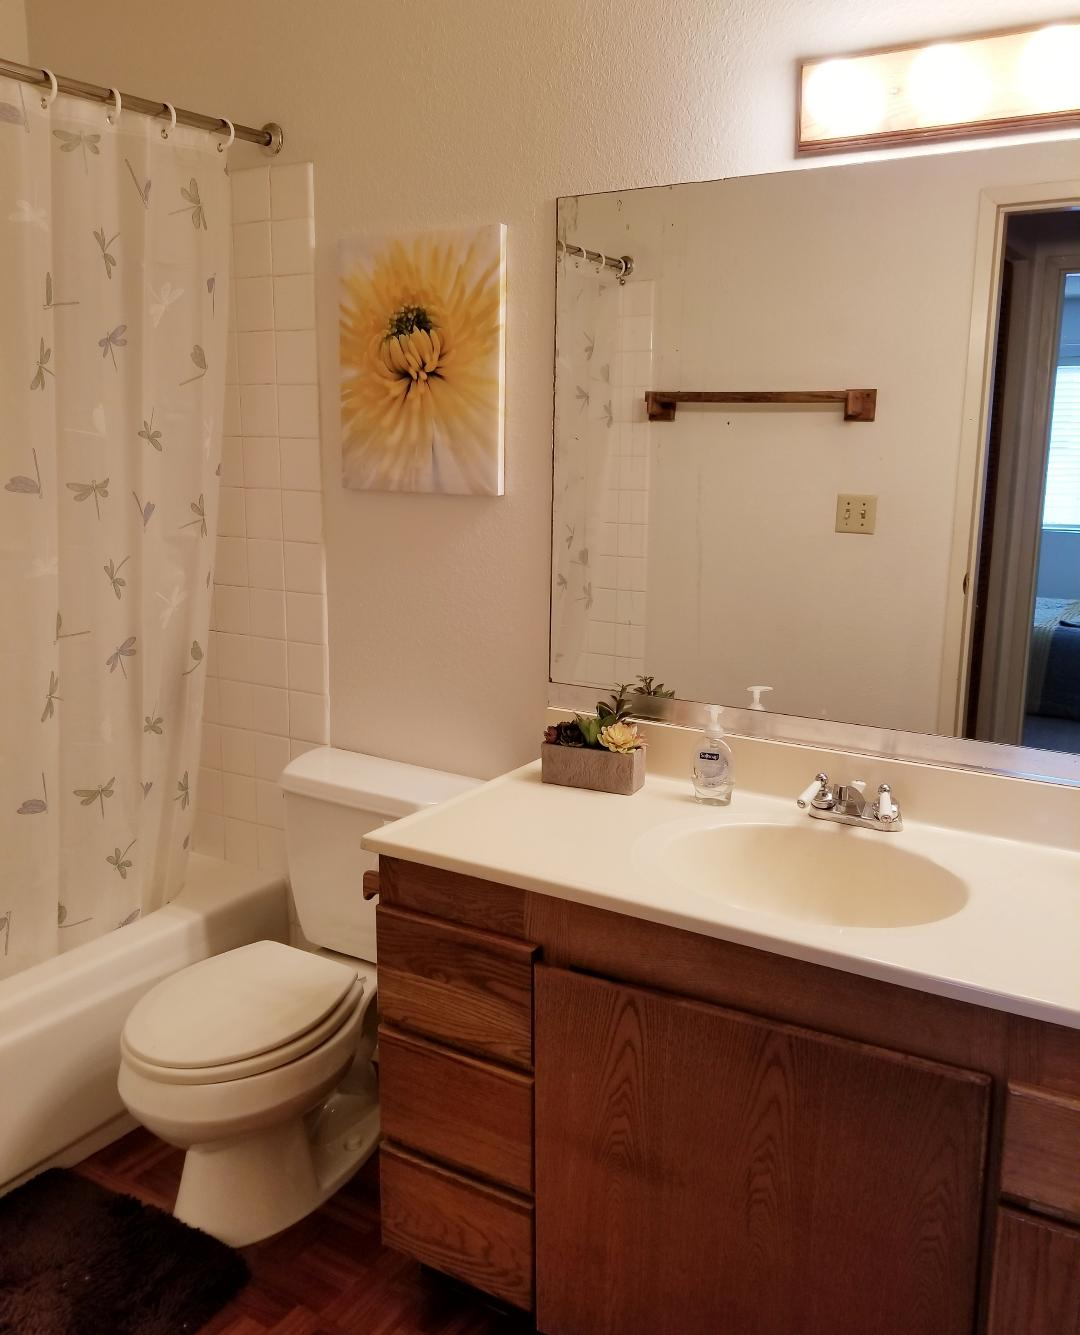 #306 bathroom